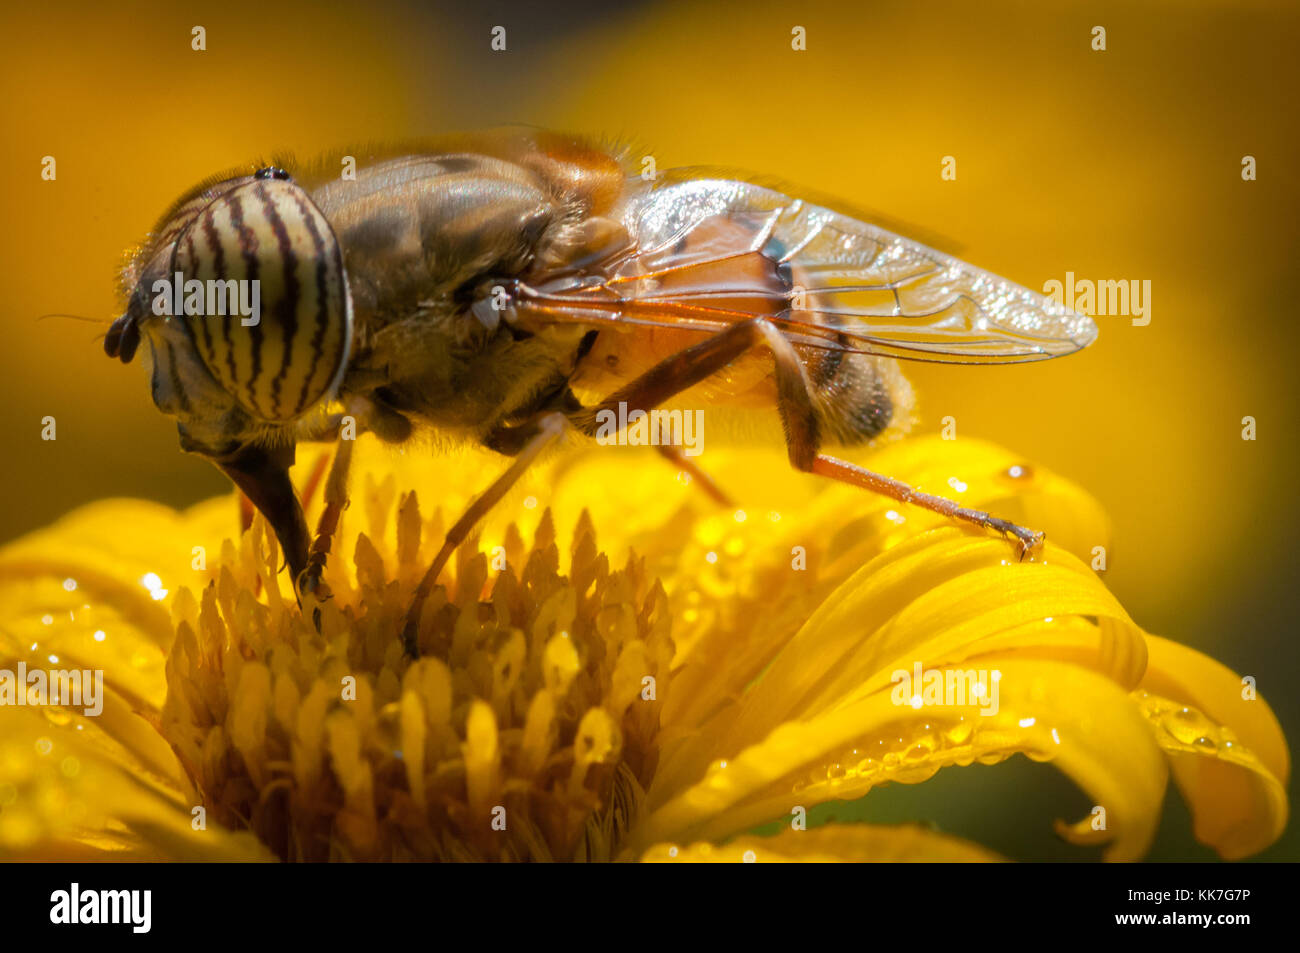 Gros plan d'une abeille sur une fleur jaune à la première lumière Photo Stock